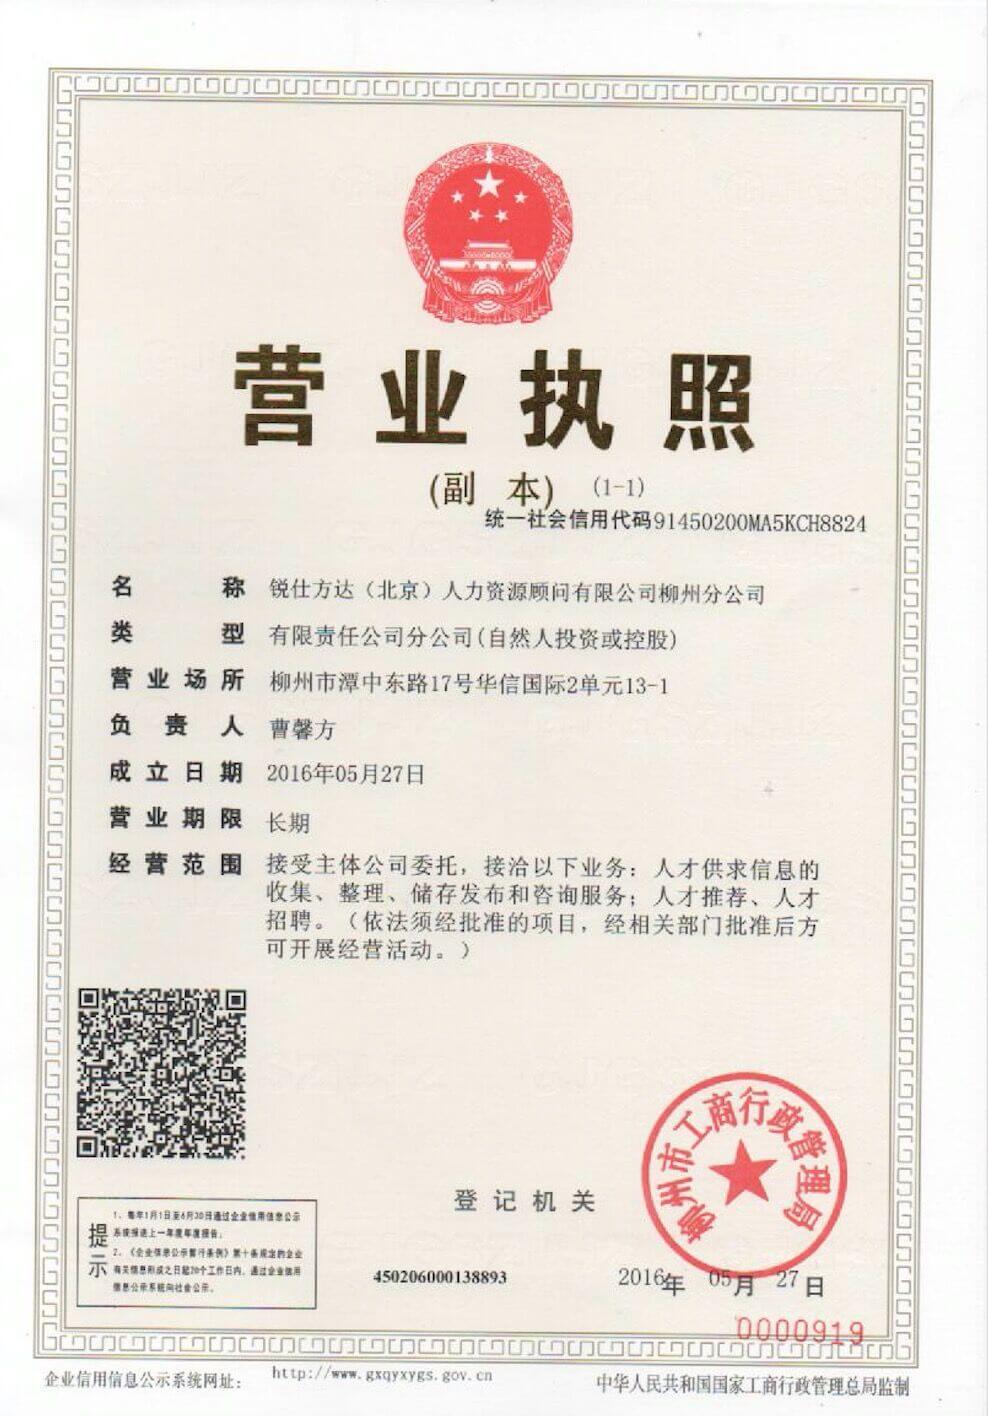 柳州分公司营业执照